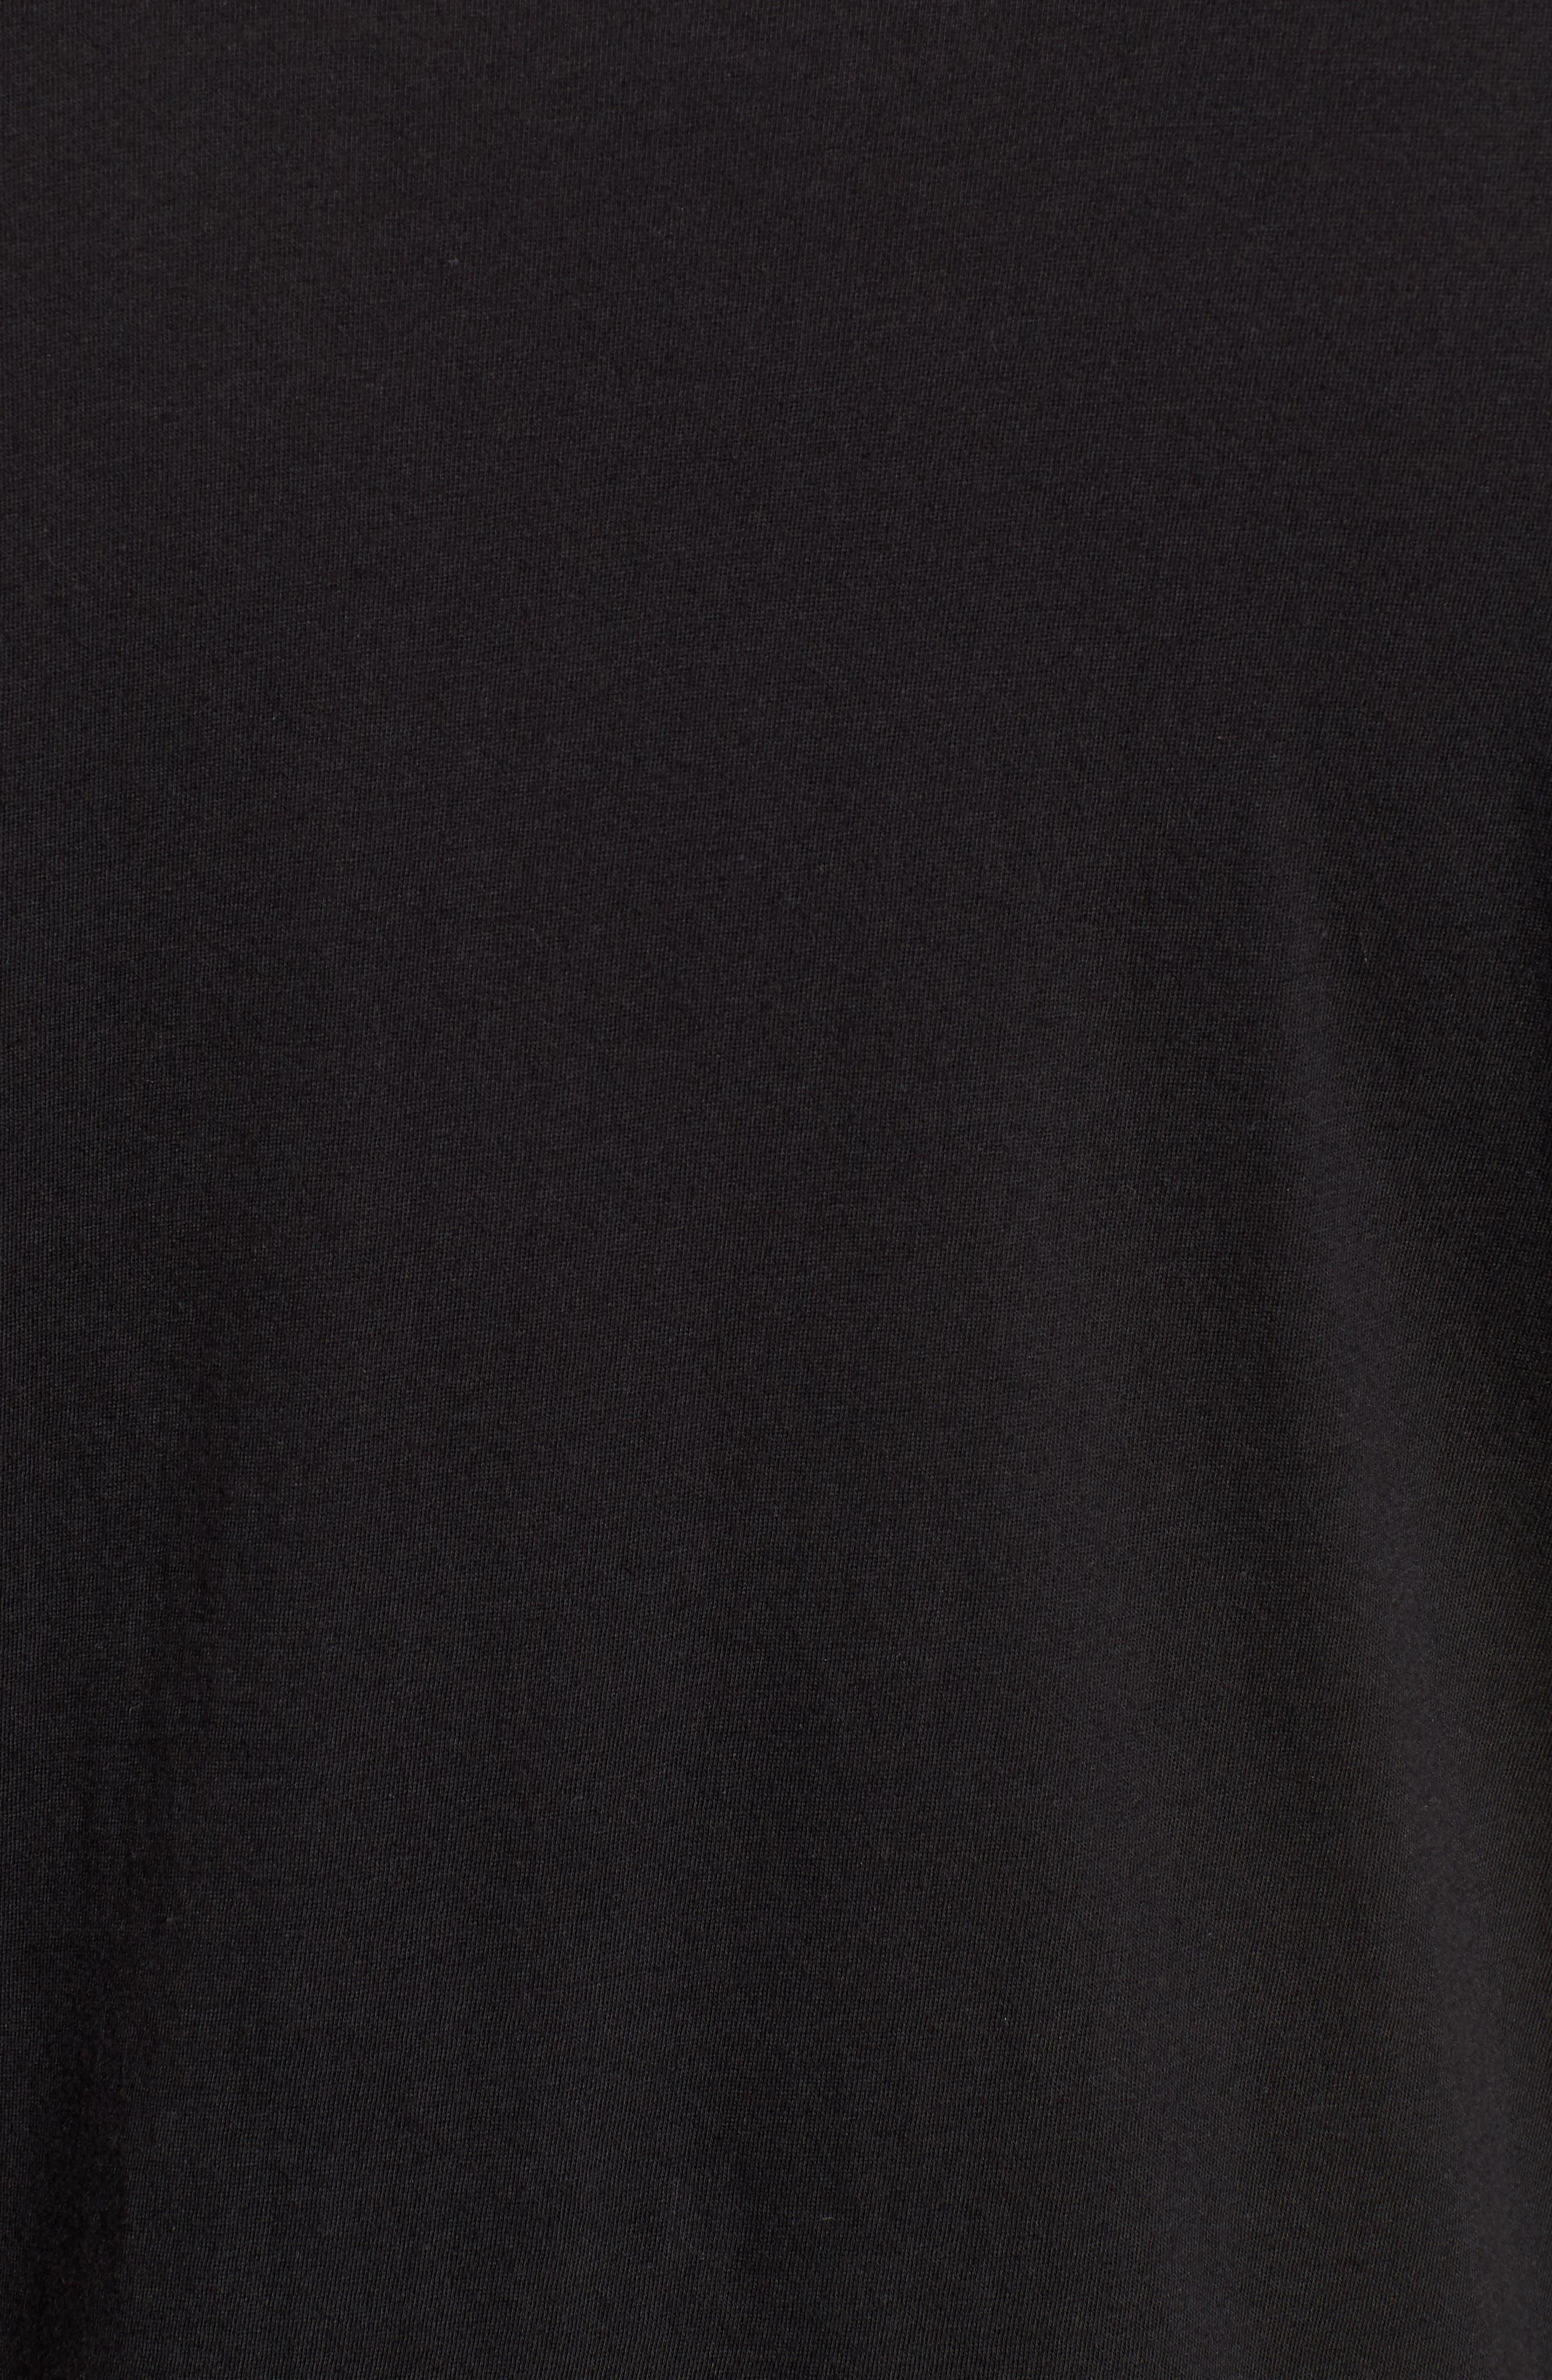 Bruce Pocket T-Shirt,                             Alternate thumbnail 3, color,                             Black